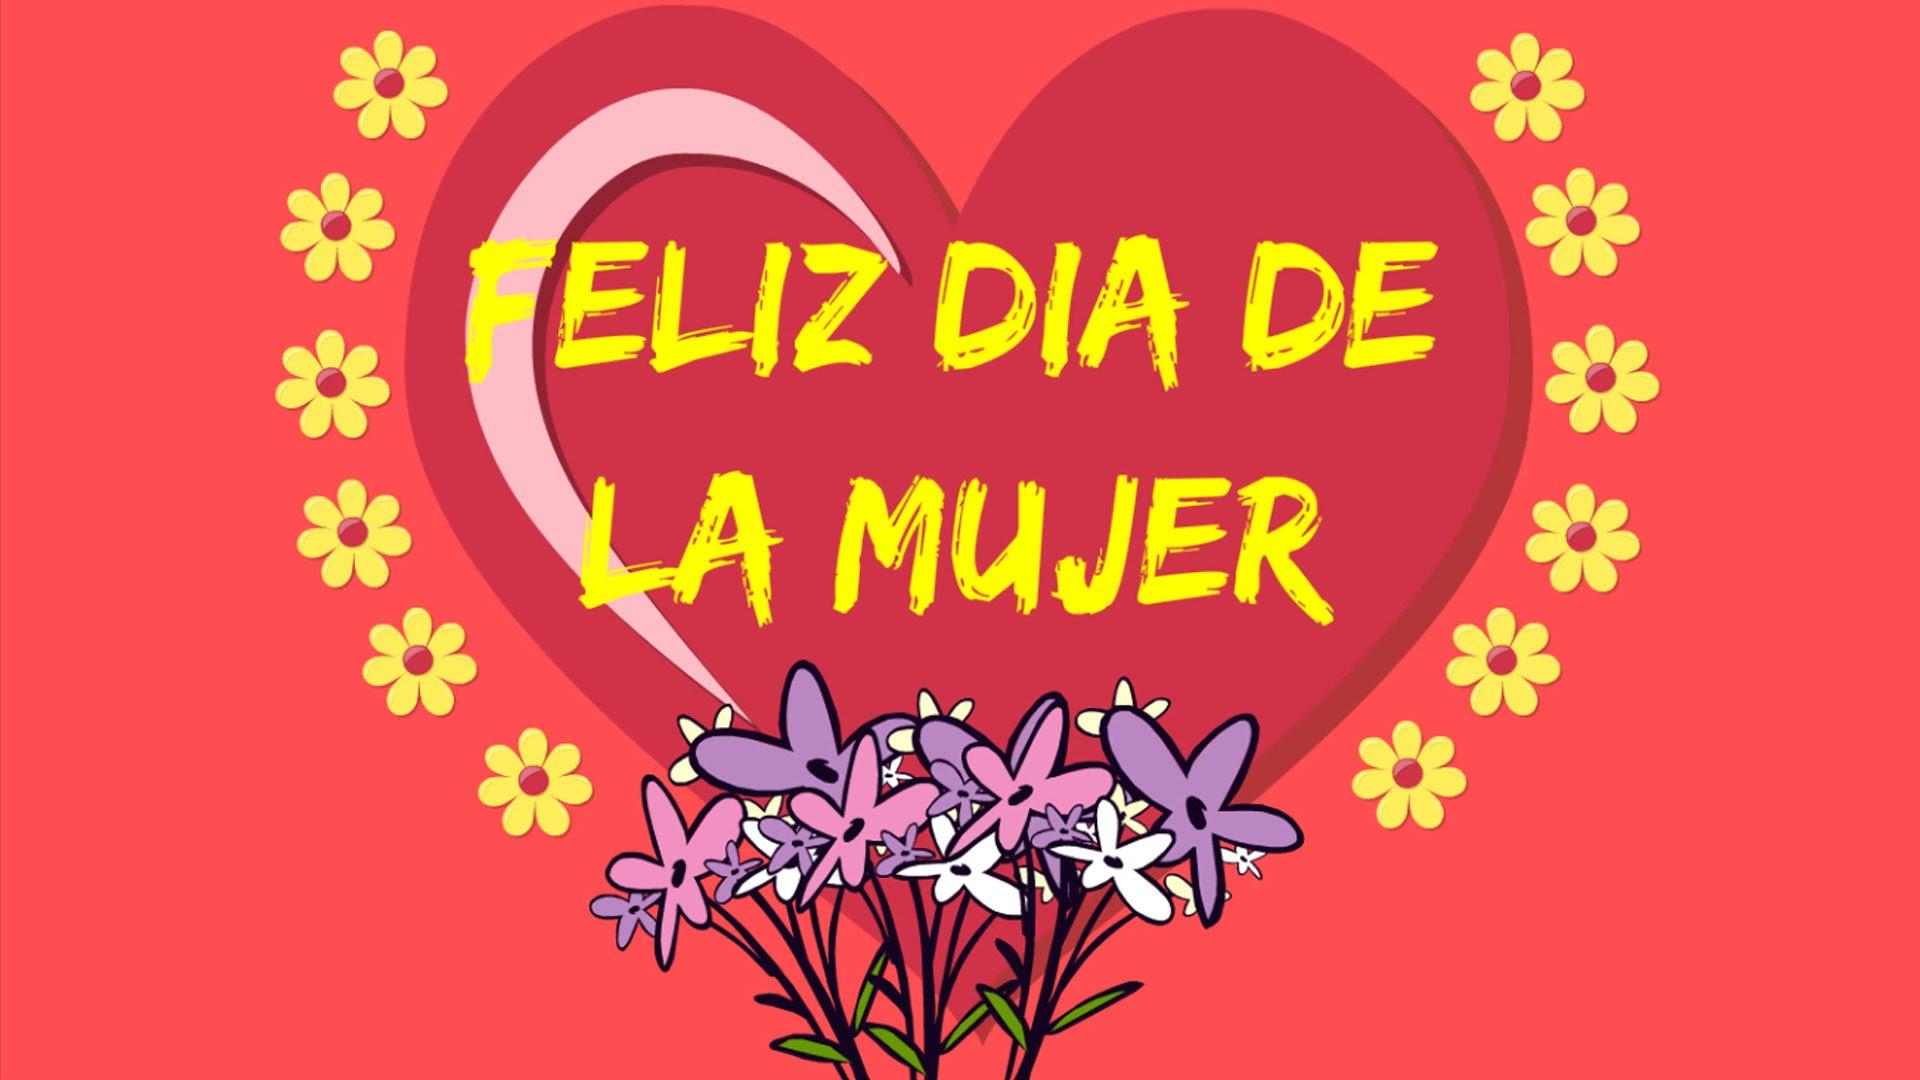 Dia Internacional De La Mujer Por Que Se Celebra El 8 De Marzo Rufinoweb Com Ar Feliz día de la mujer boliviana! celebra el 8 de marzo rufinoweb com ar